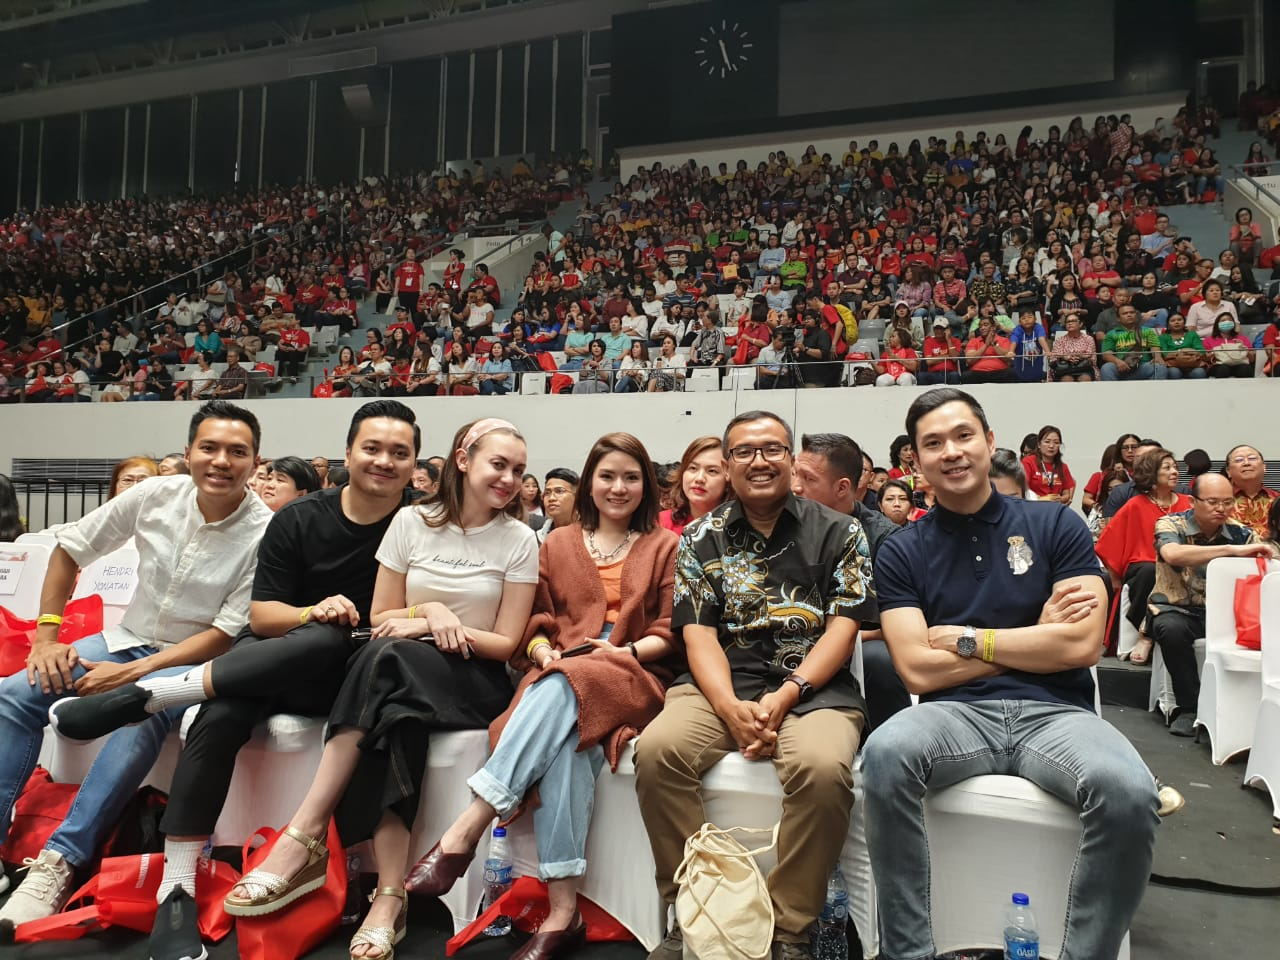 Bersama kita maju, Komisi Kepemudaan, Komsos KWI, Konferensi Waligereja Indonesia, KWI, Senin 28 Oktober 2019, Sumpah itu Menyatukan, Sumpah Pemuda